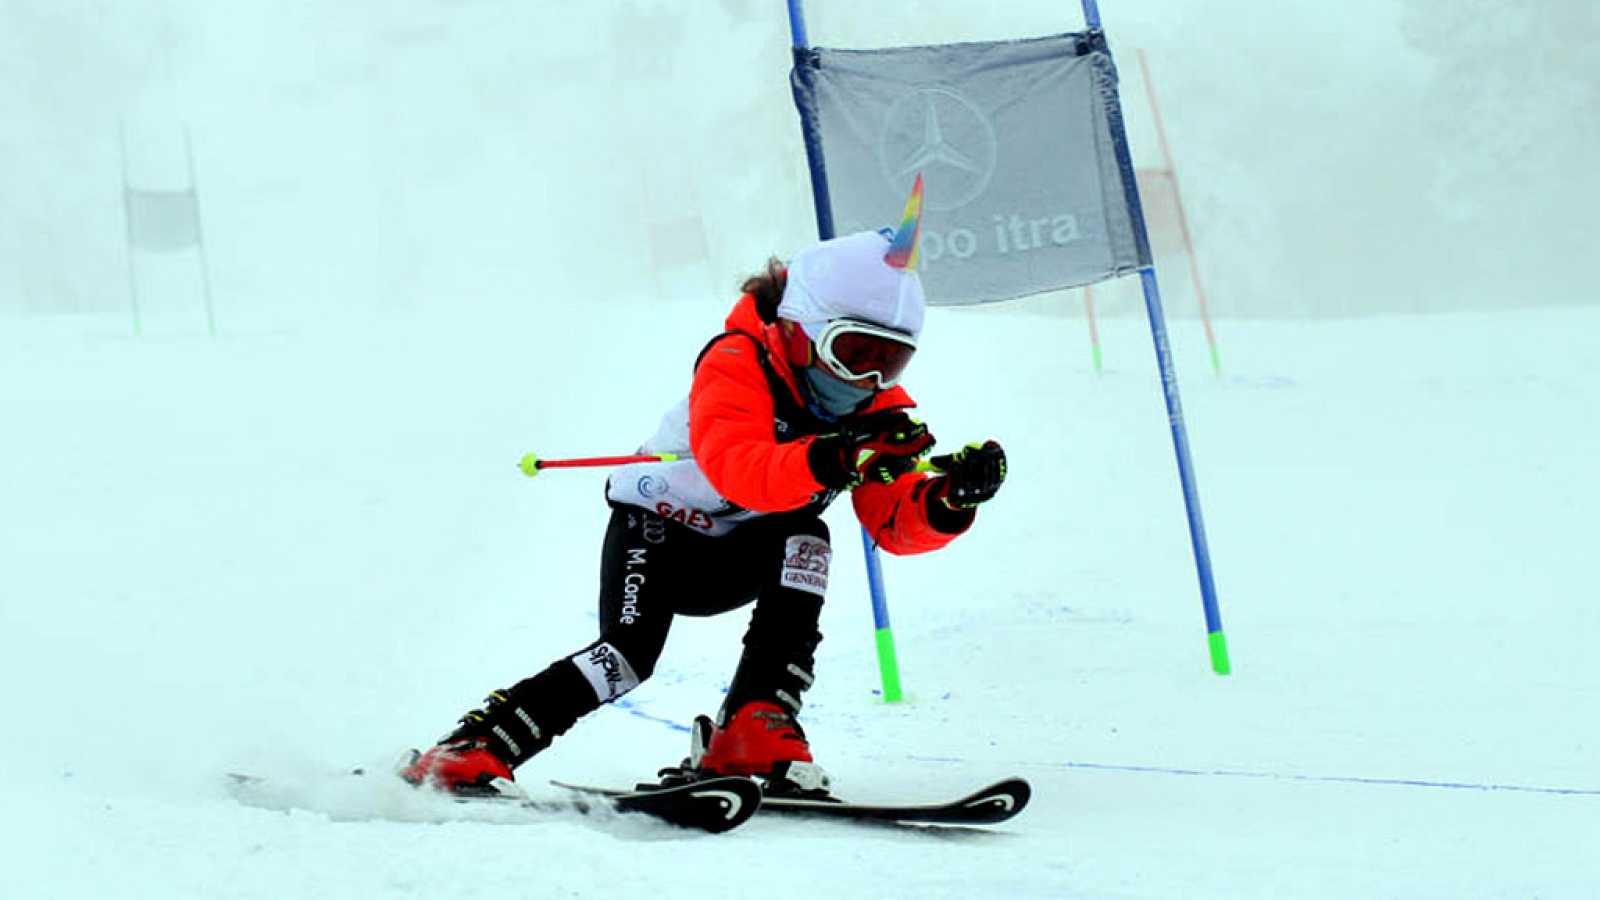 La madrileña se ha convertido en una promesa del esquí español a sus ocho años.